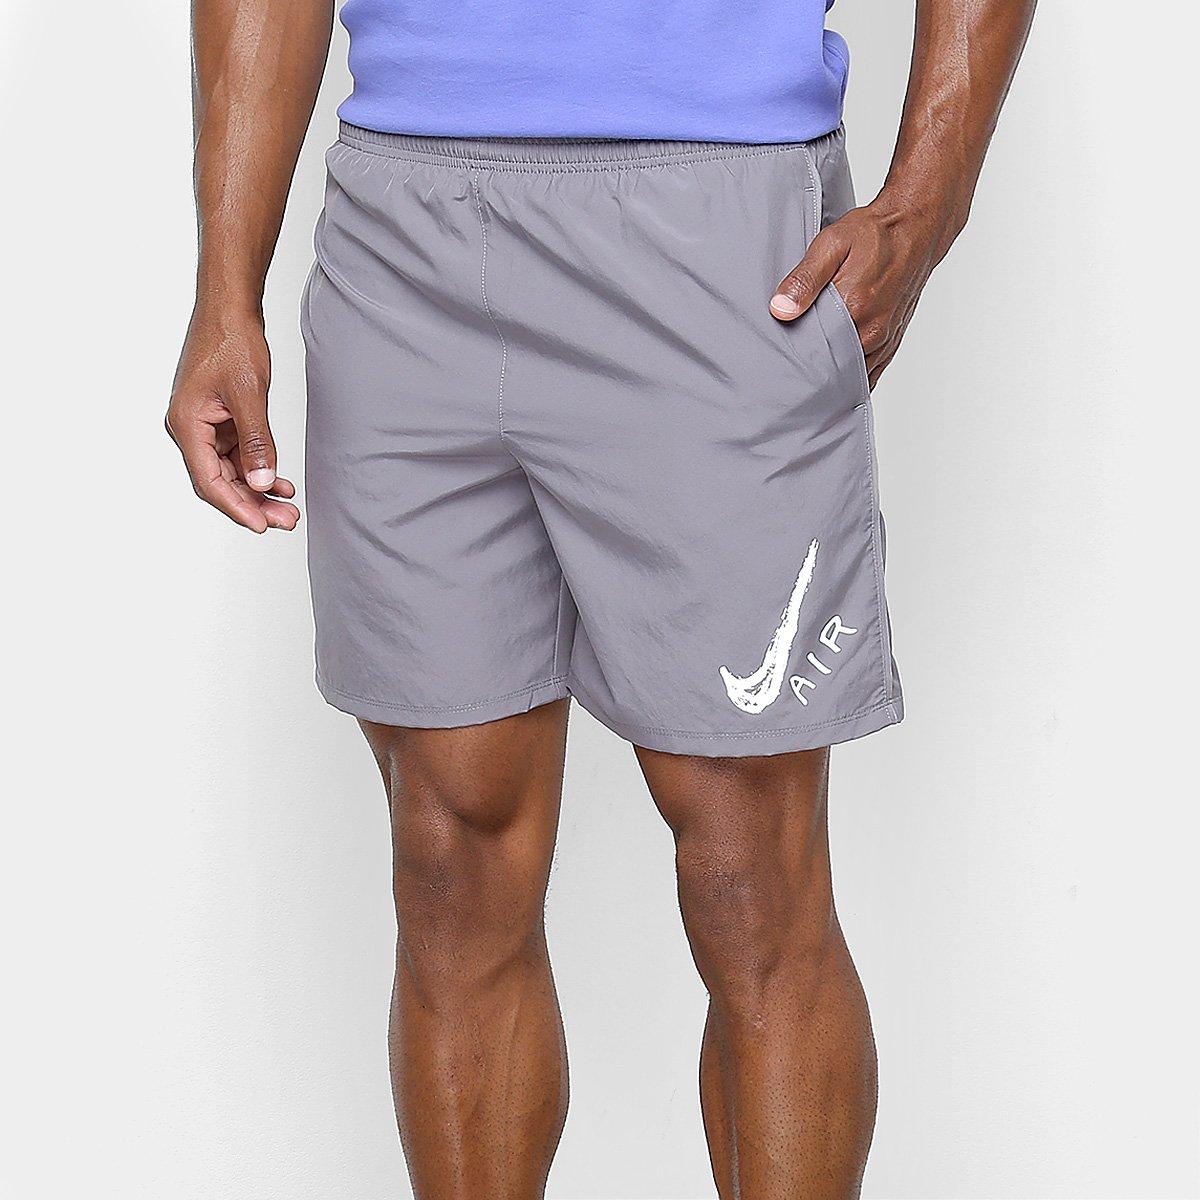 4135e85407 Bermuda Nike Run Short 7In Gx Masculina - Cinza - Compre Agora ...